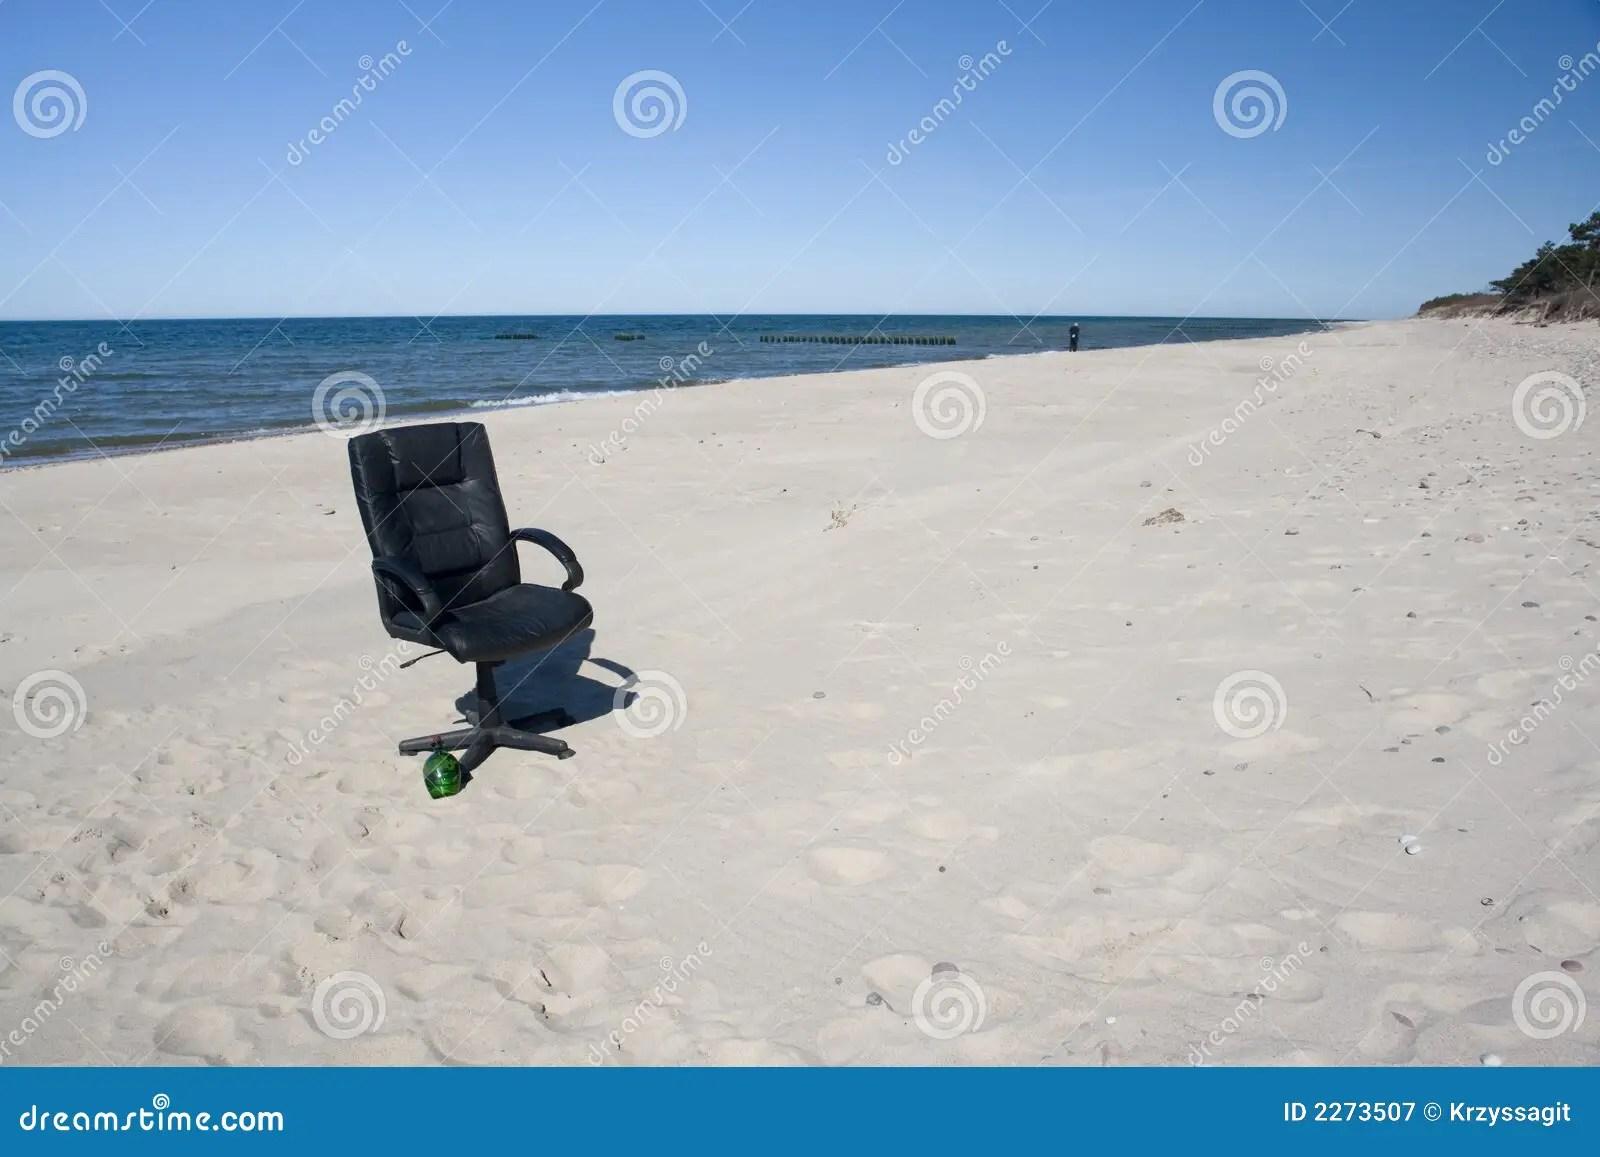 Beach Sand Chairs